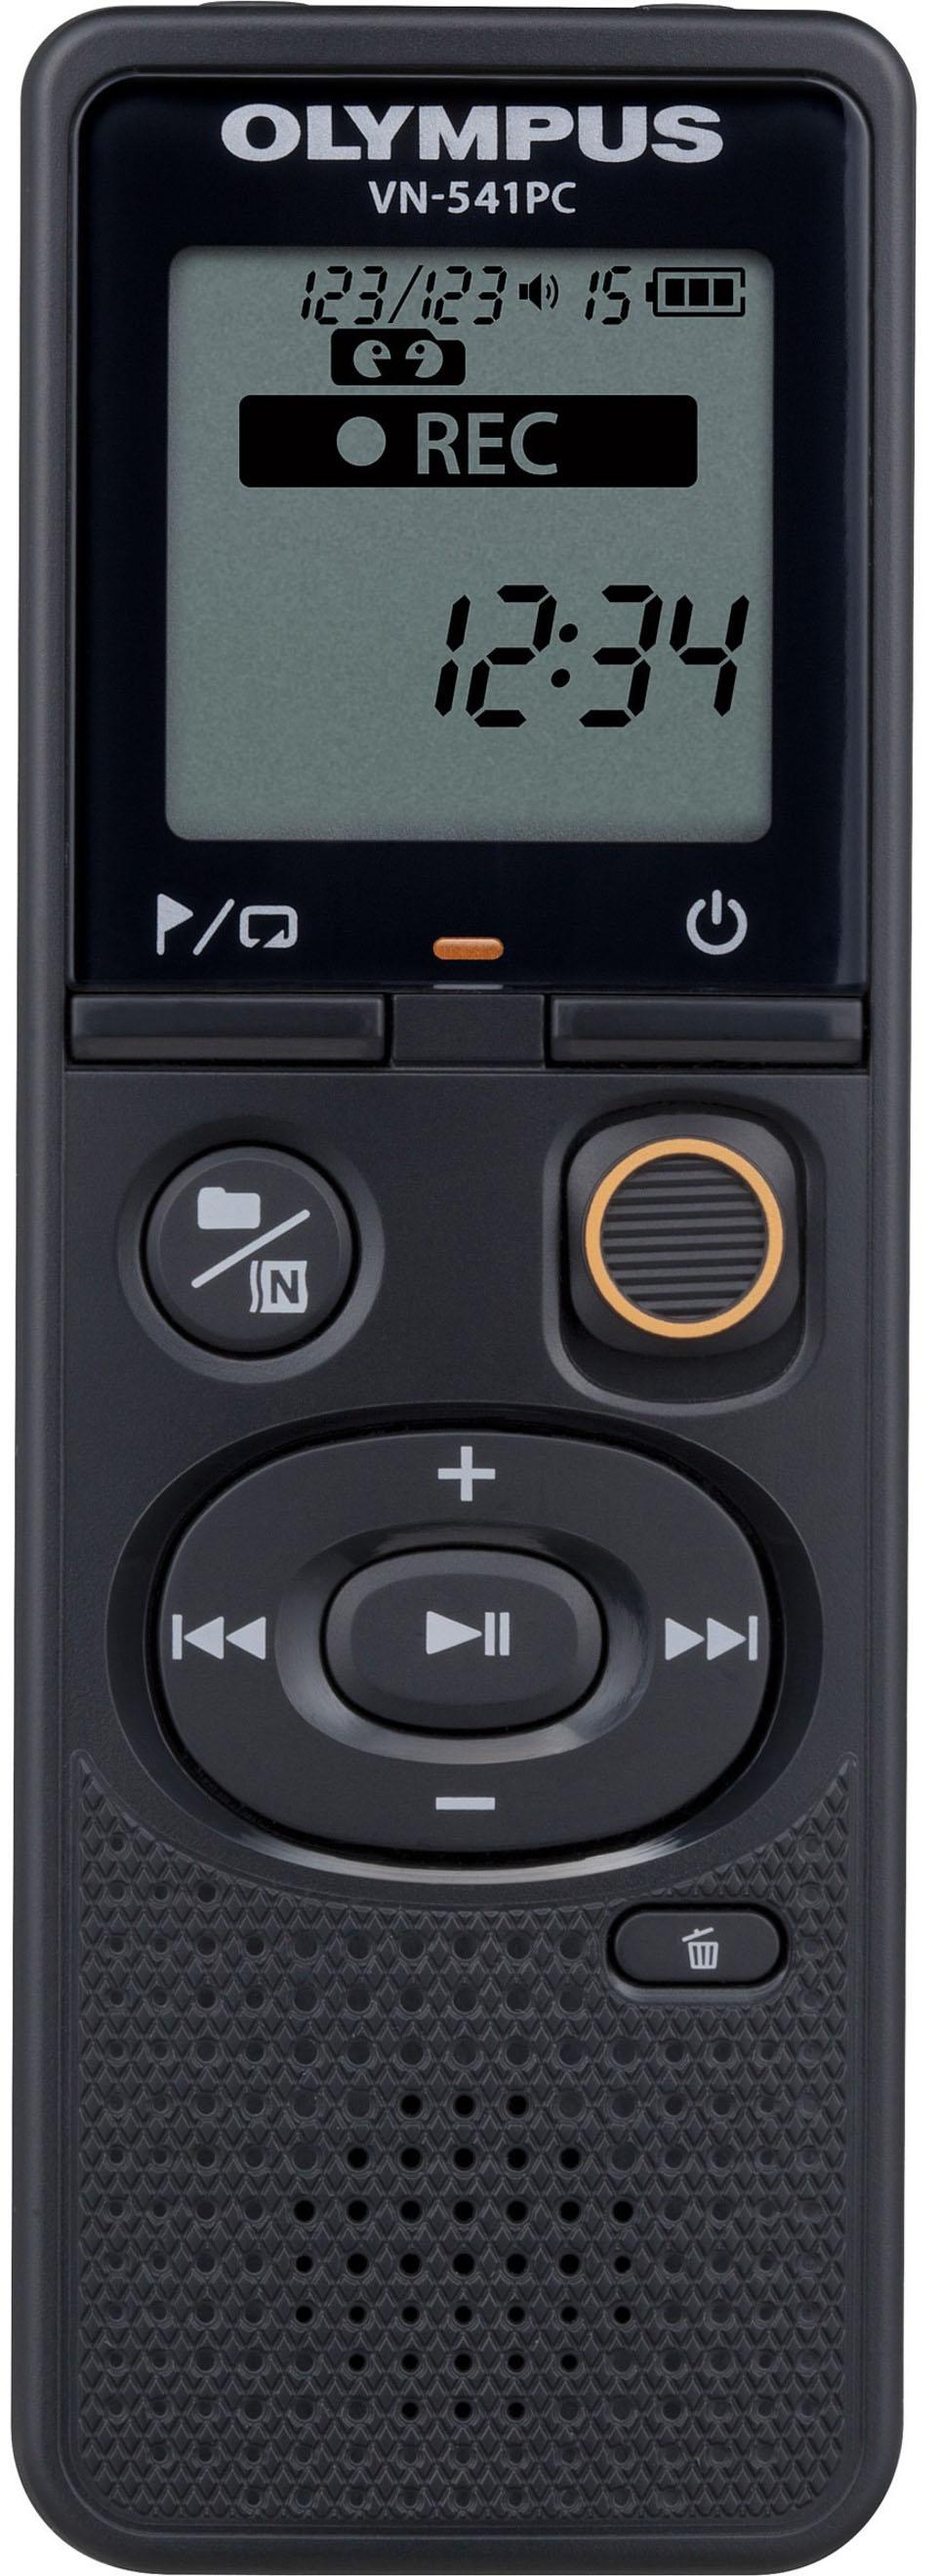 Olympus - Vn-series Digital Voice Recorder - Black